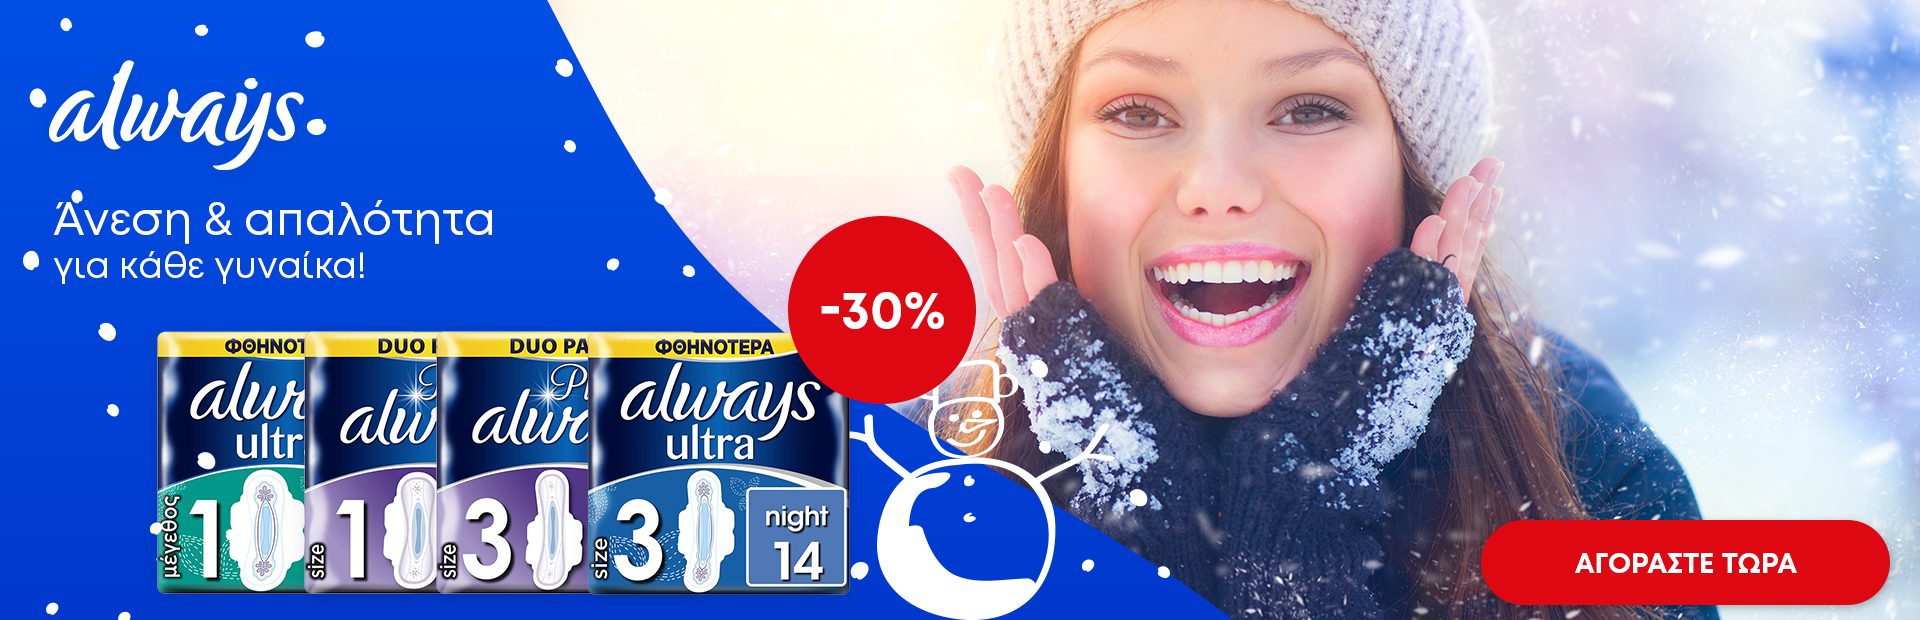 always -30%